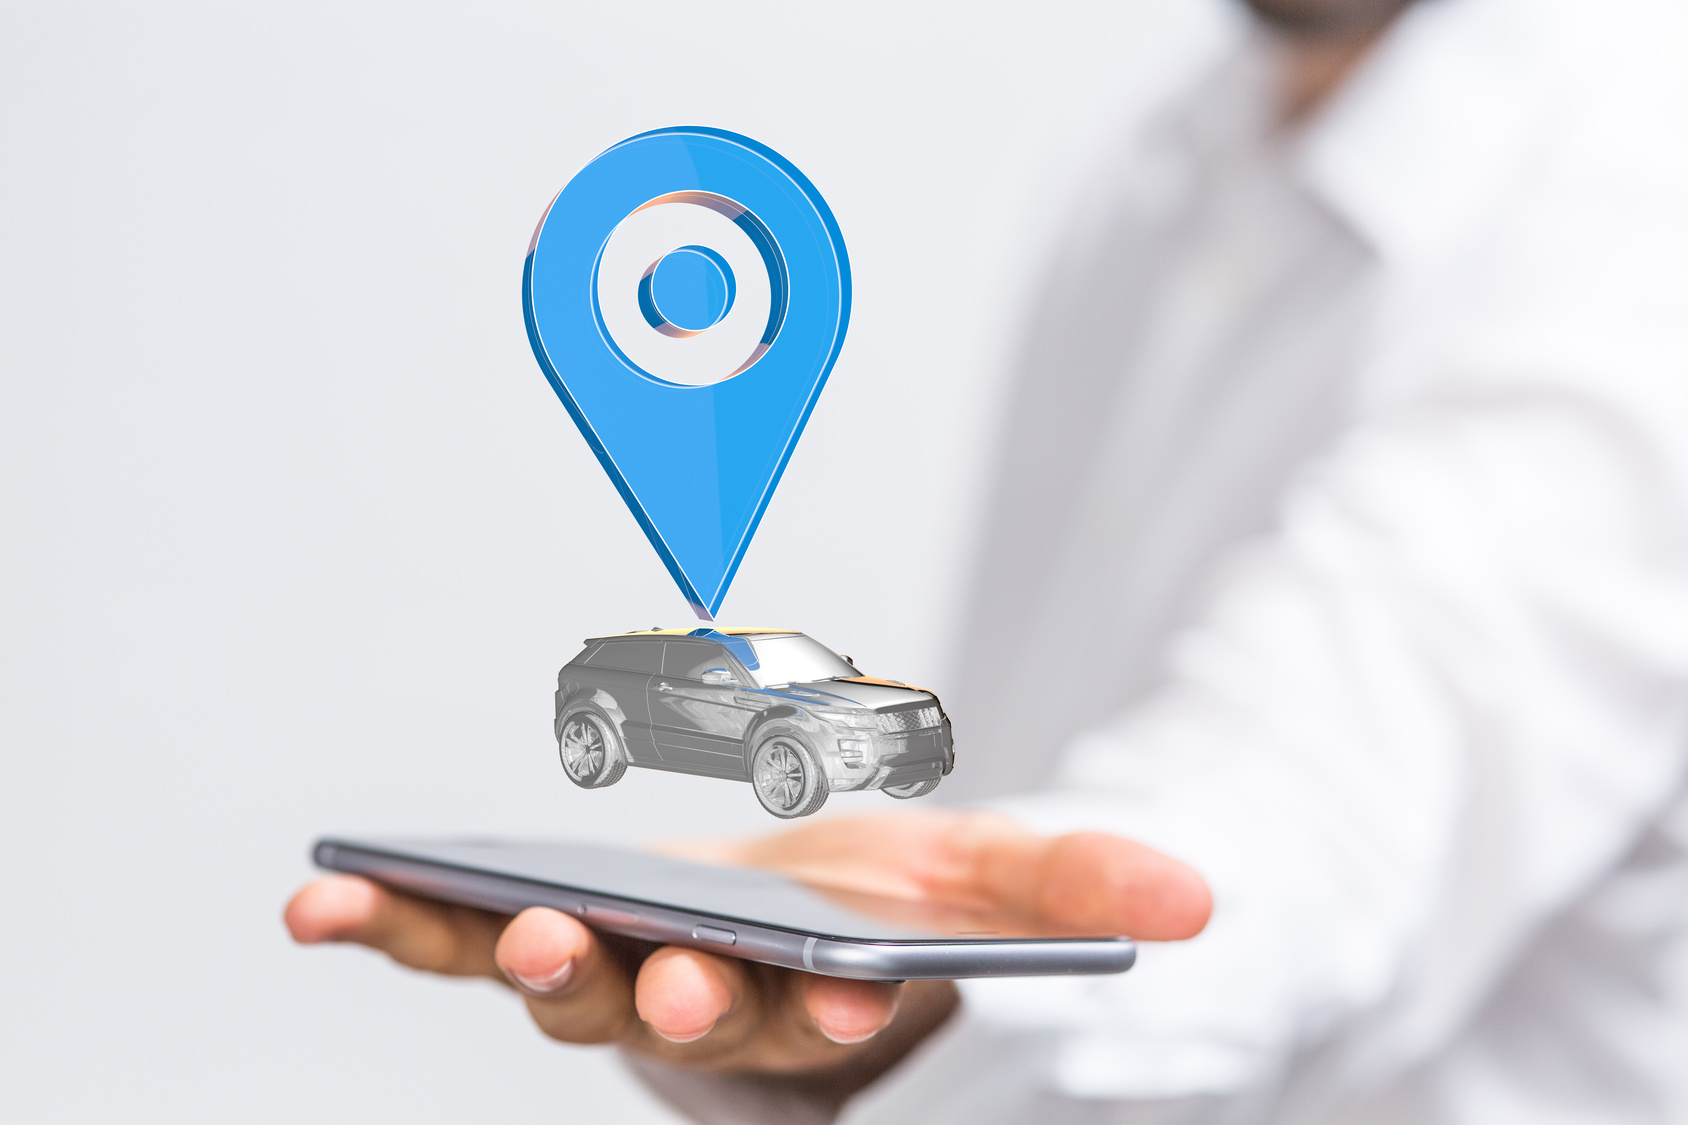 جهاز GPS لتتبع السيارات